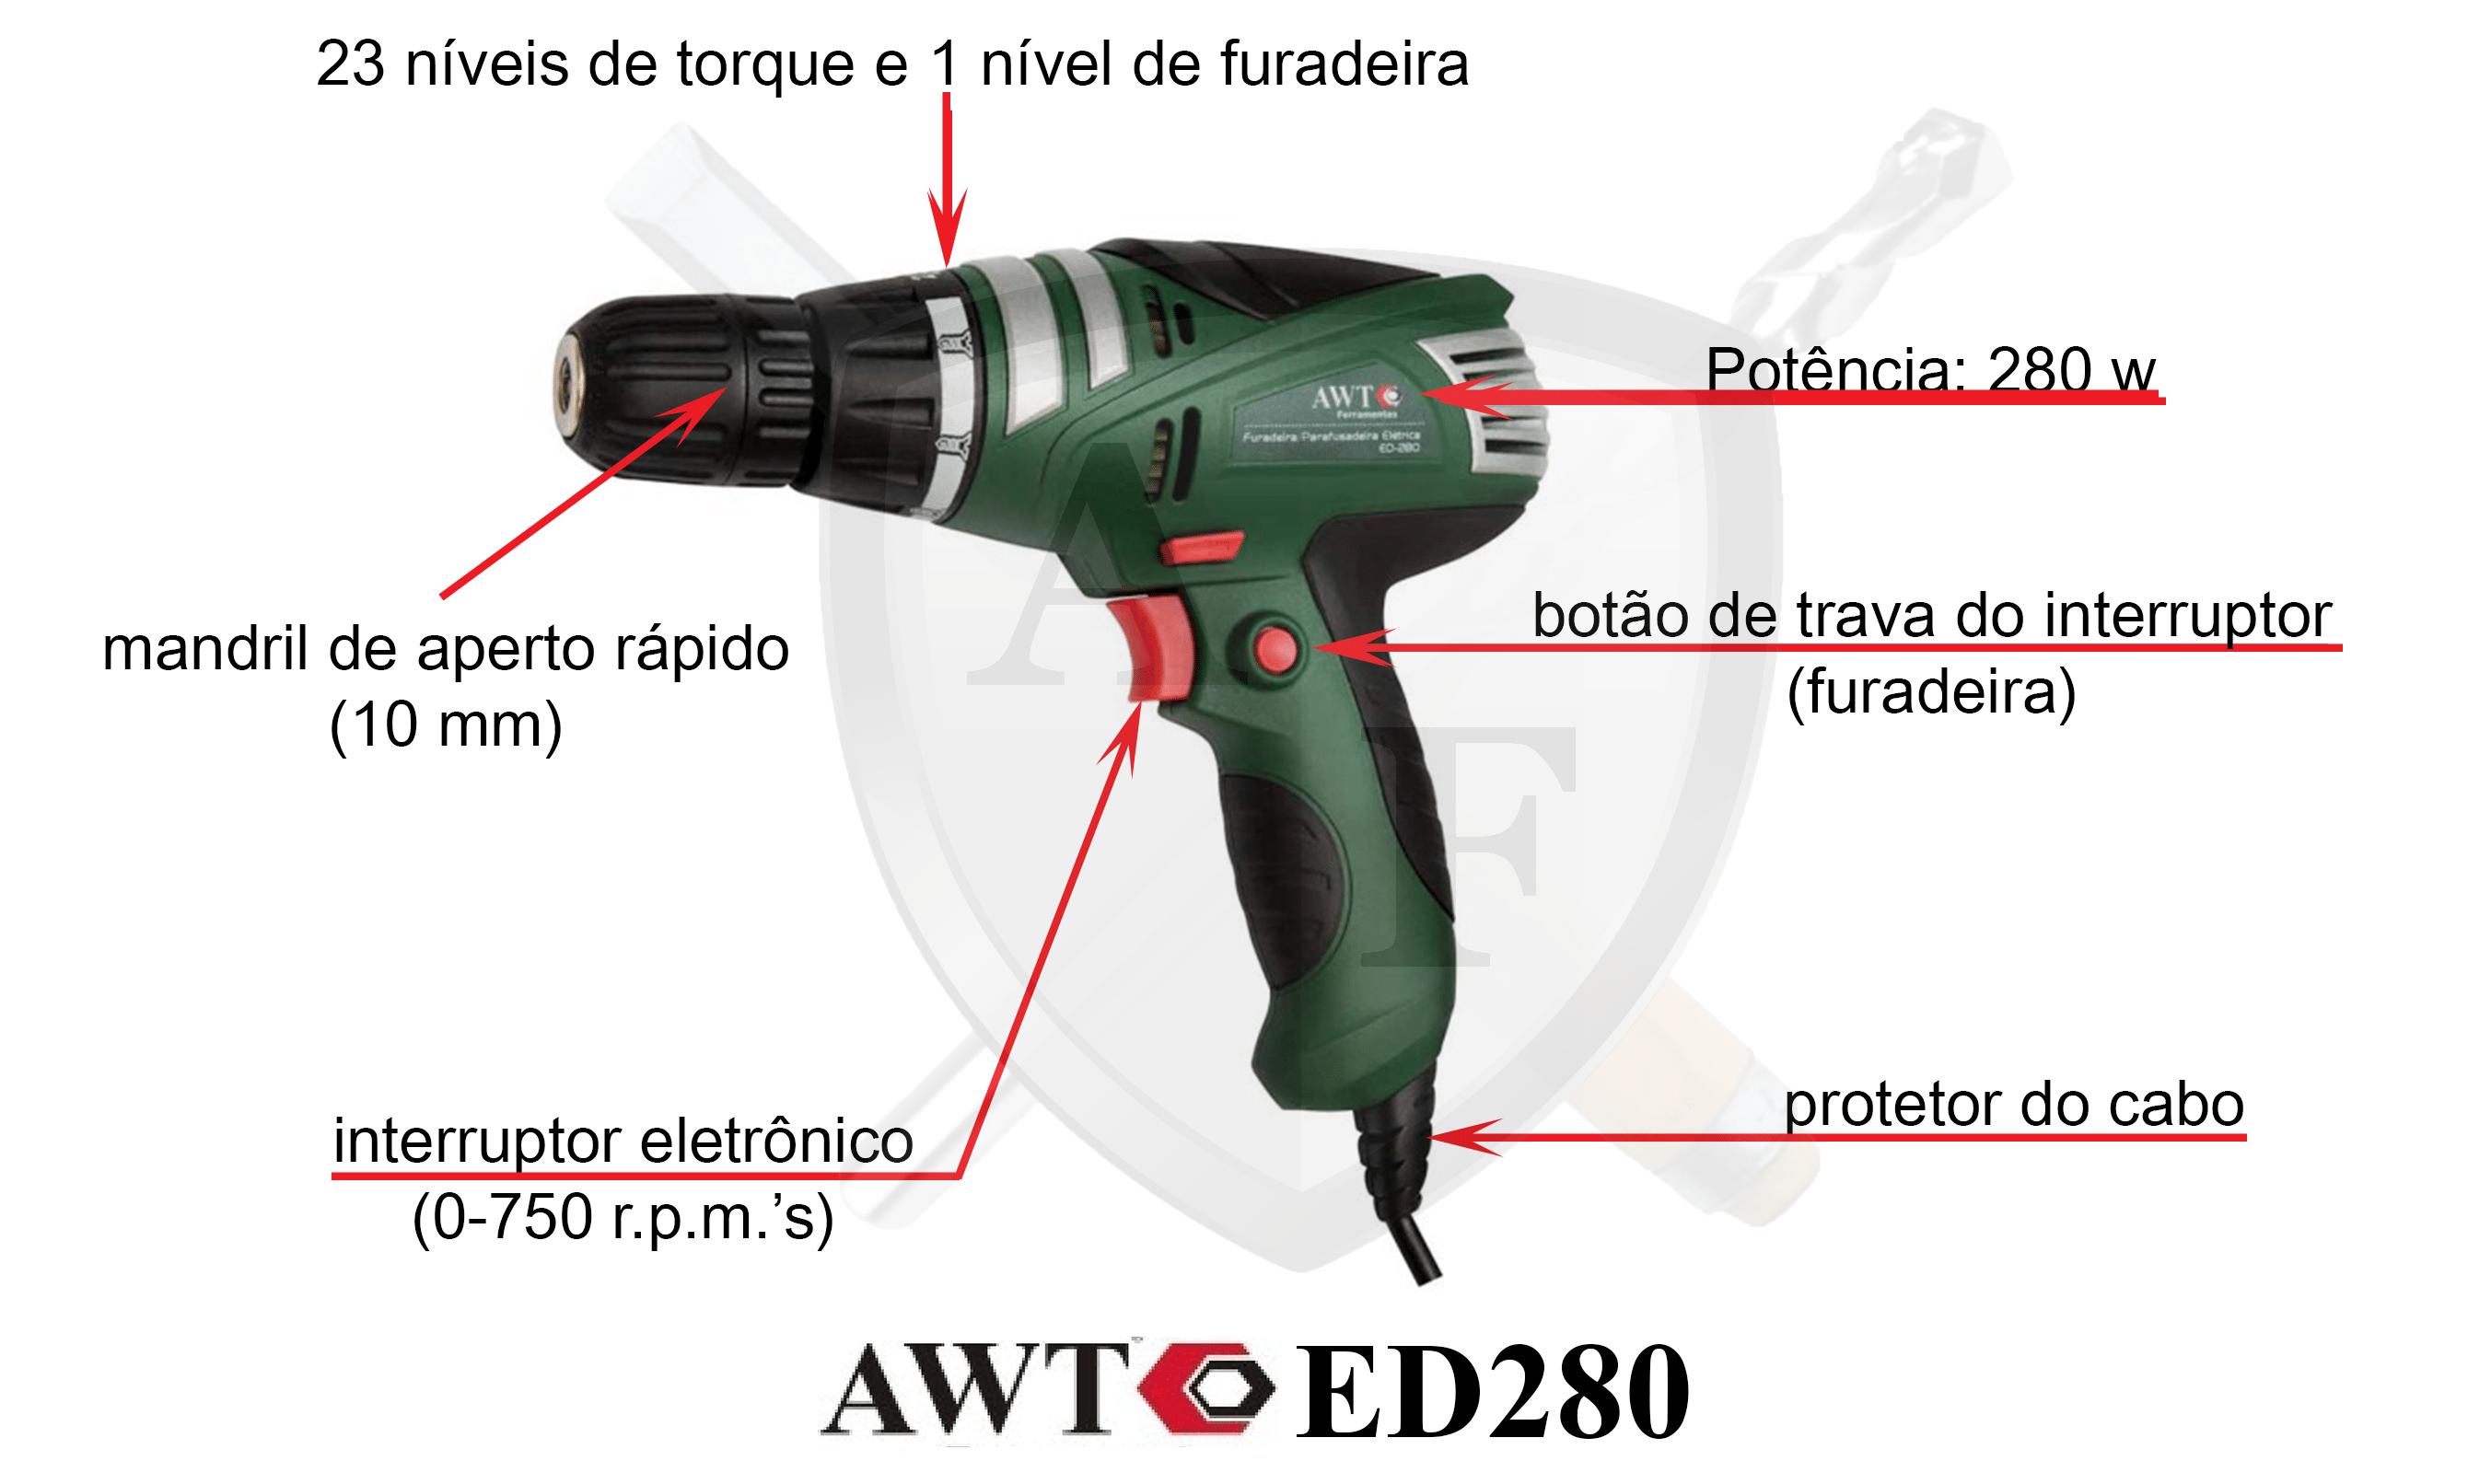 Parafusadeira elétrica AWT ED280 – Review